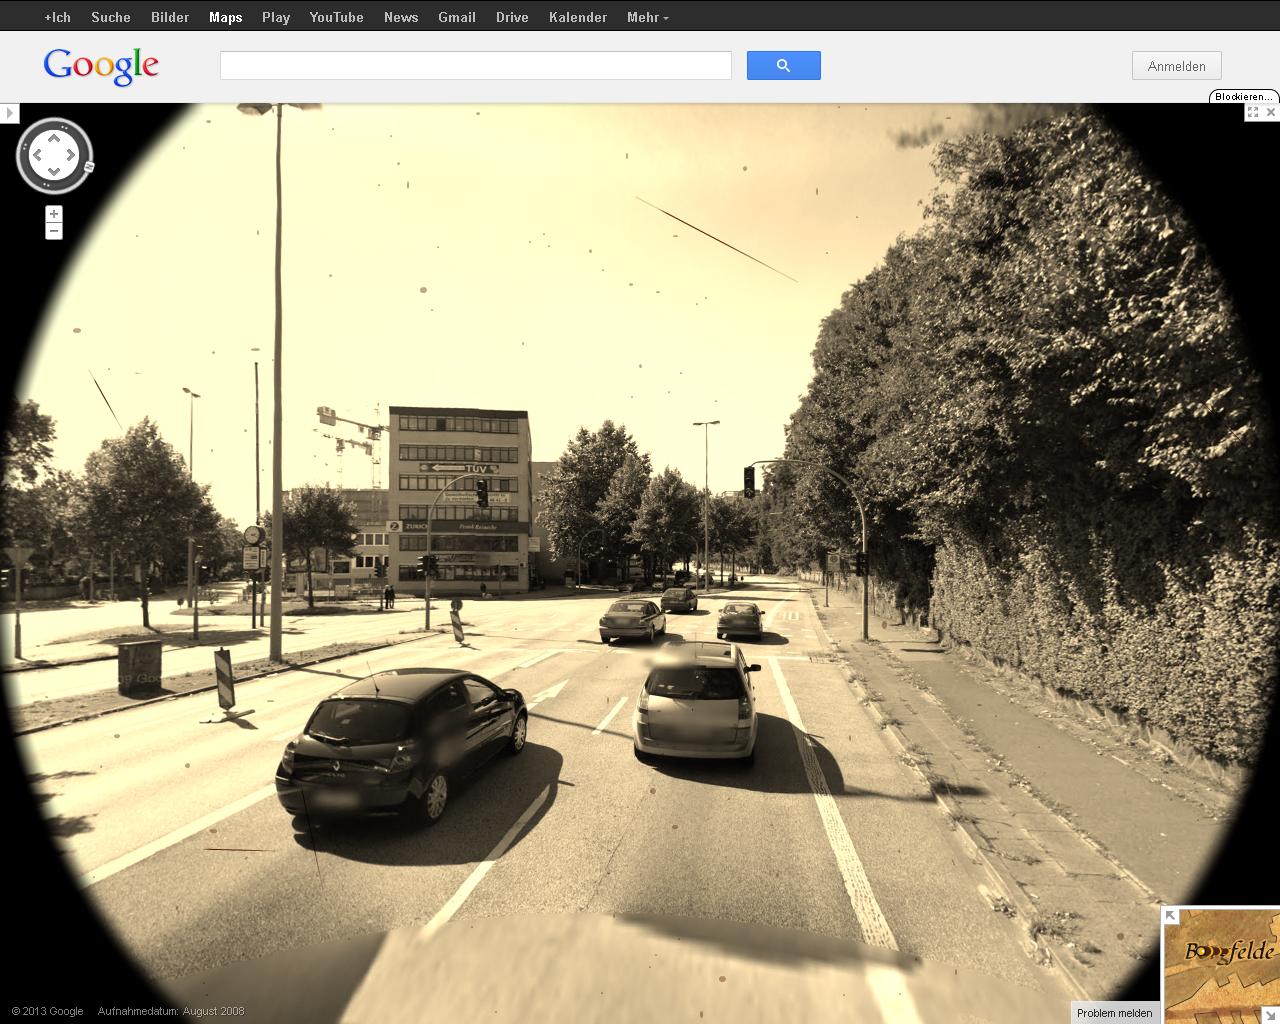 Screenshot Google-Streetview in der Schatzsuche auf alt getrimmt mit Flecken auf dem Bild.